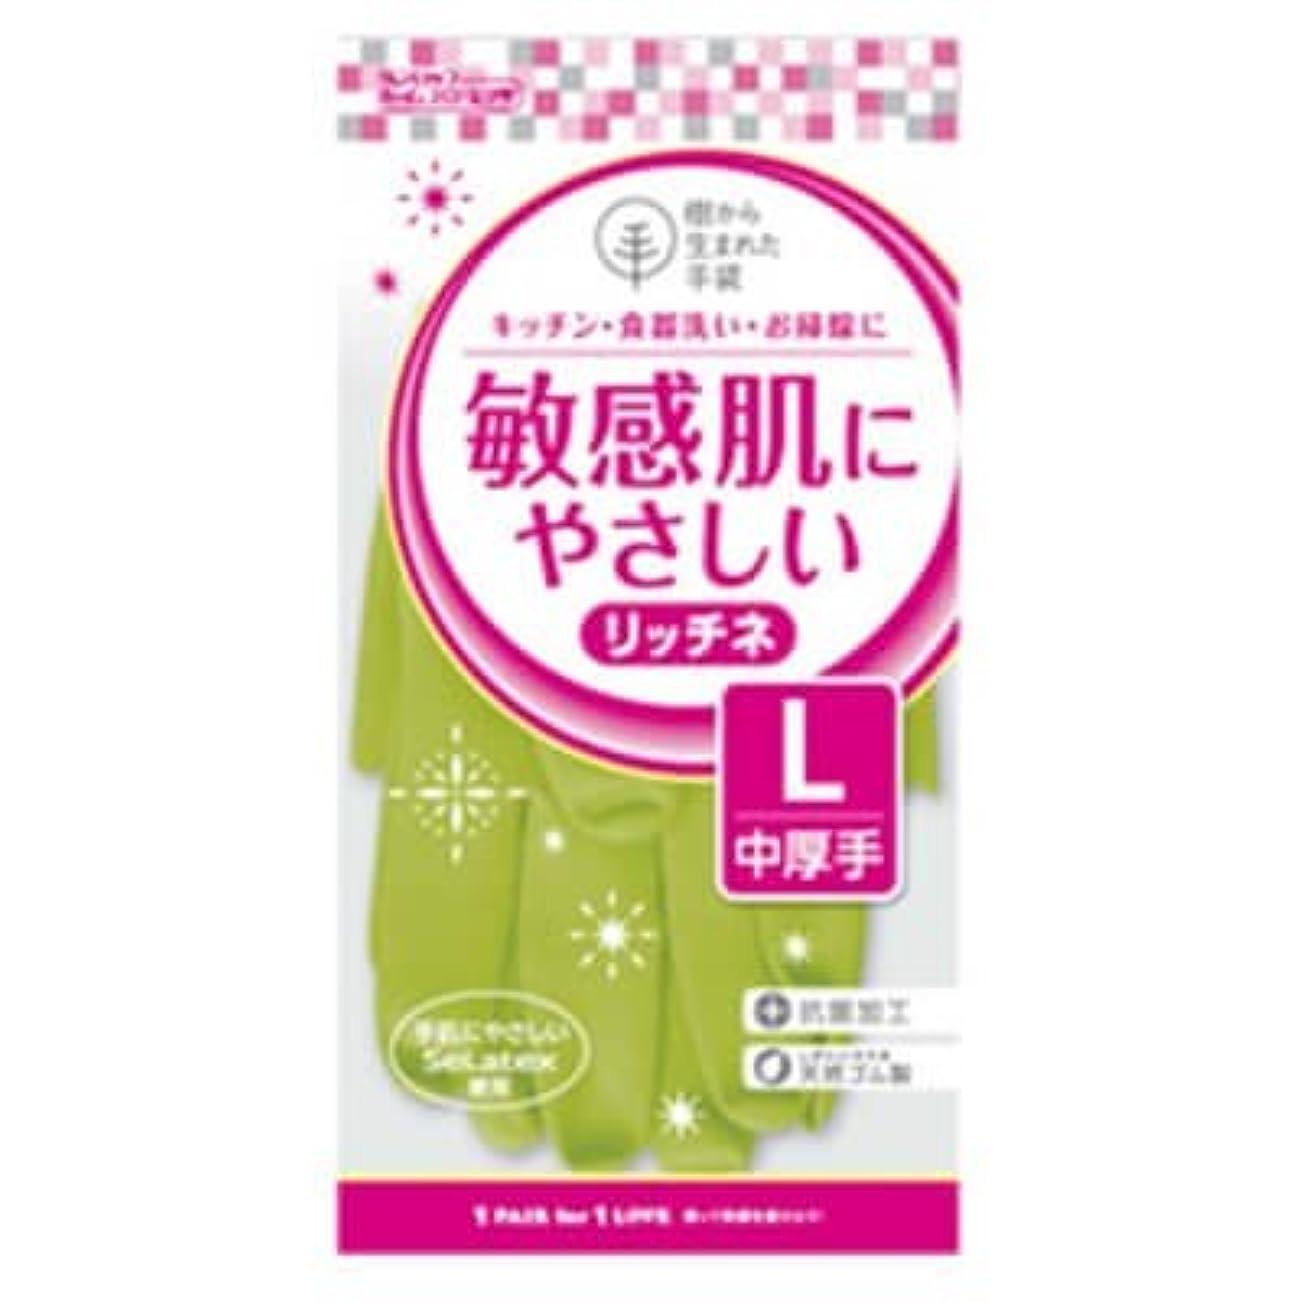 認可死すべき小さな【ケース販売】 ダンロップ 敏感肌にやさしい リッチネ 中厚手 L グリーン (10双×12袋)